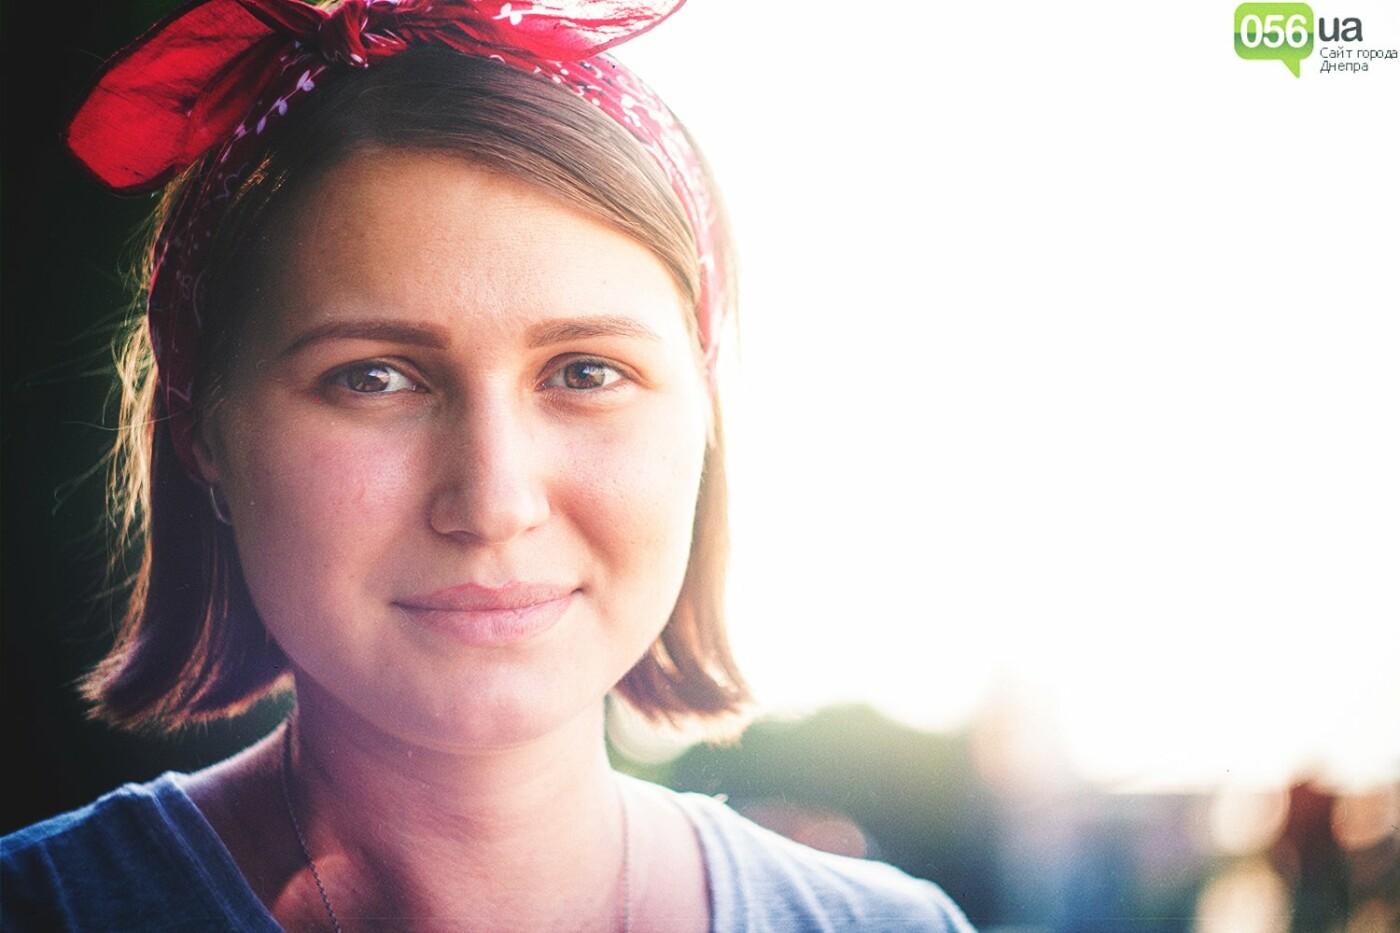 «Меня спрашивали: «А когда ты умрешь?», - днепрянка Катя Лебедь о борьбе с раком, сложностях химиотерапии и уверенности в своей победе, - ФОТО, фото-1